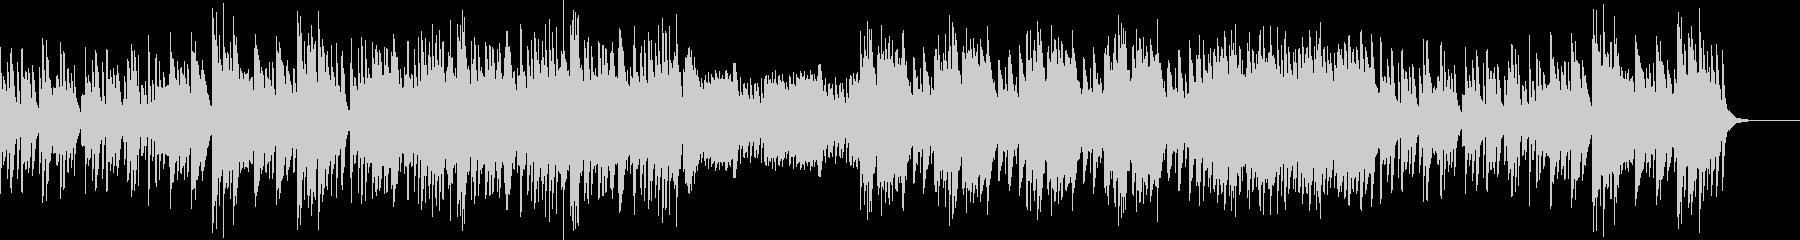 静かで切ない系のピアノ曲の未再生の波形